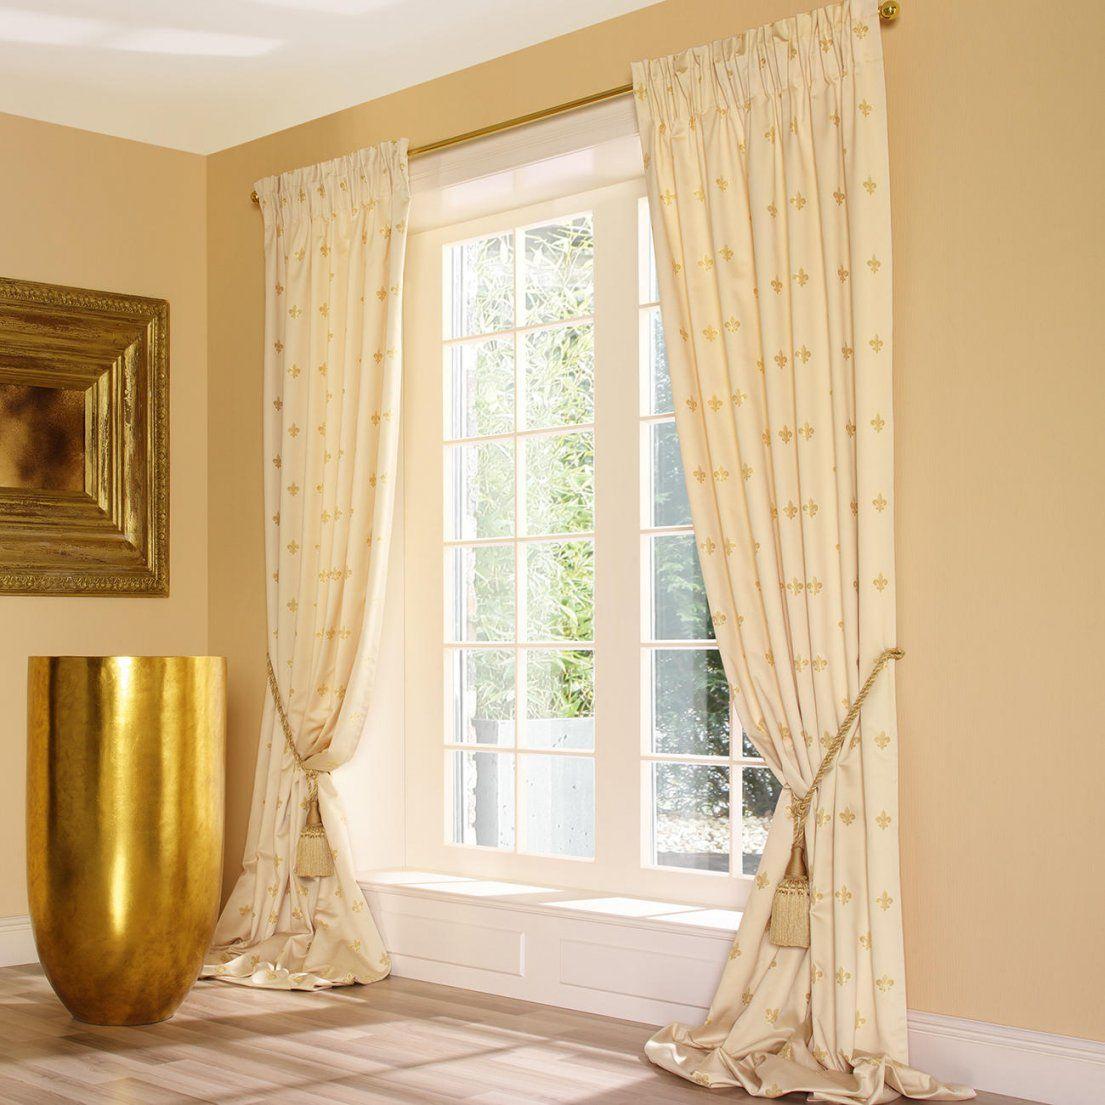 Vorhang Rufina  1 Stück  Vorhänge Kaufen  Das Kavaliershaus von Pro Idee Gardinen Photo